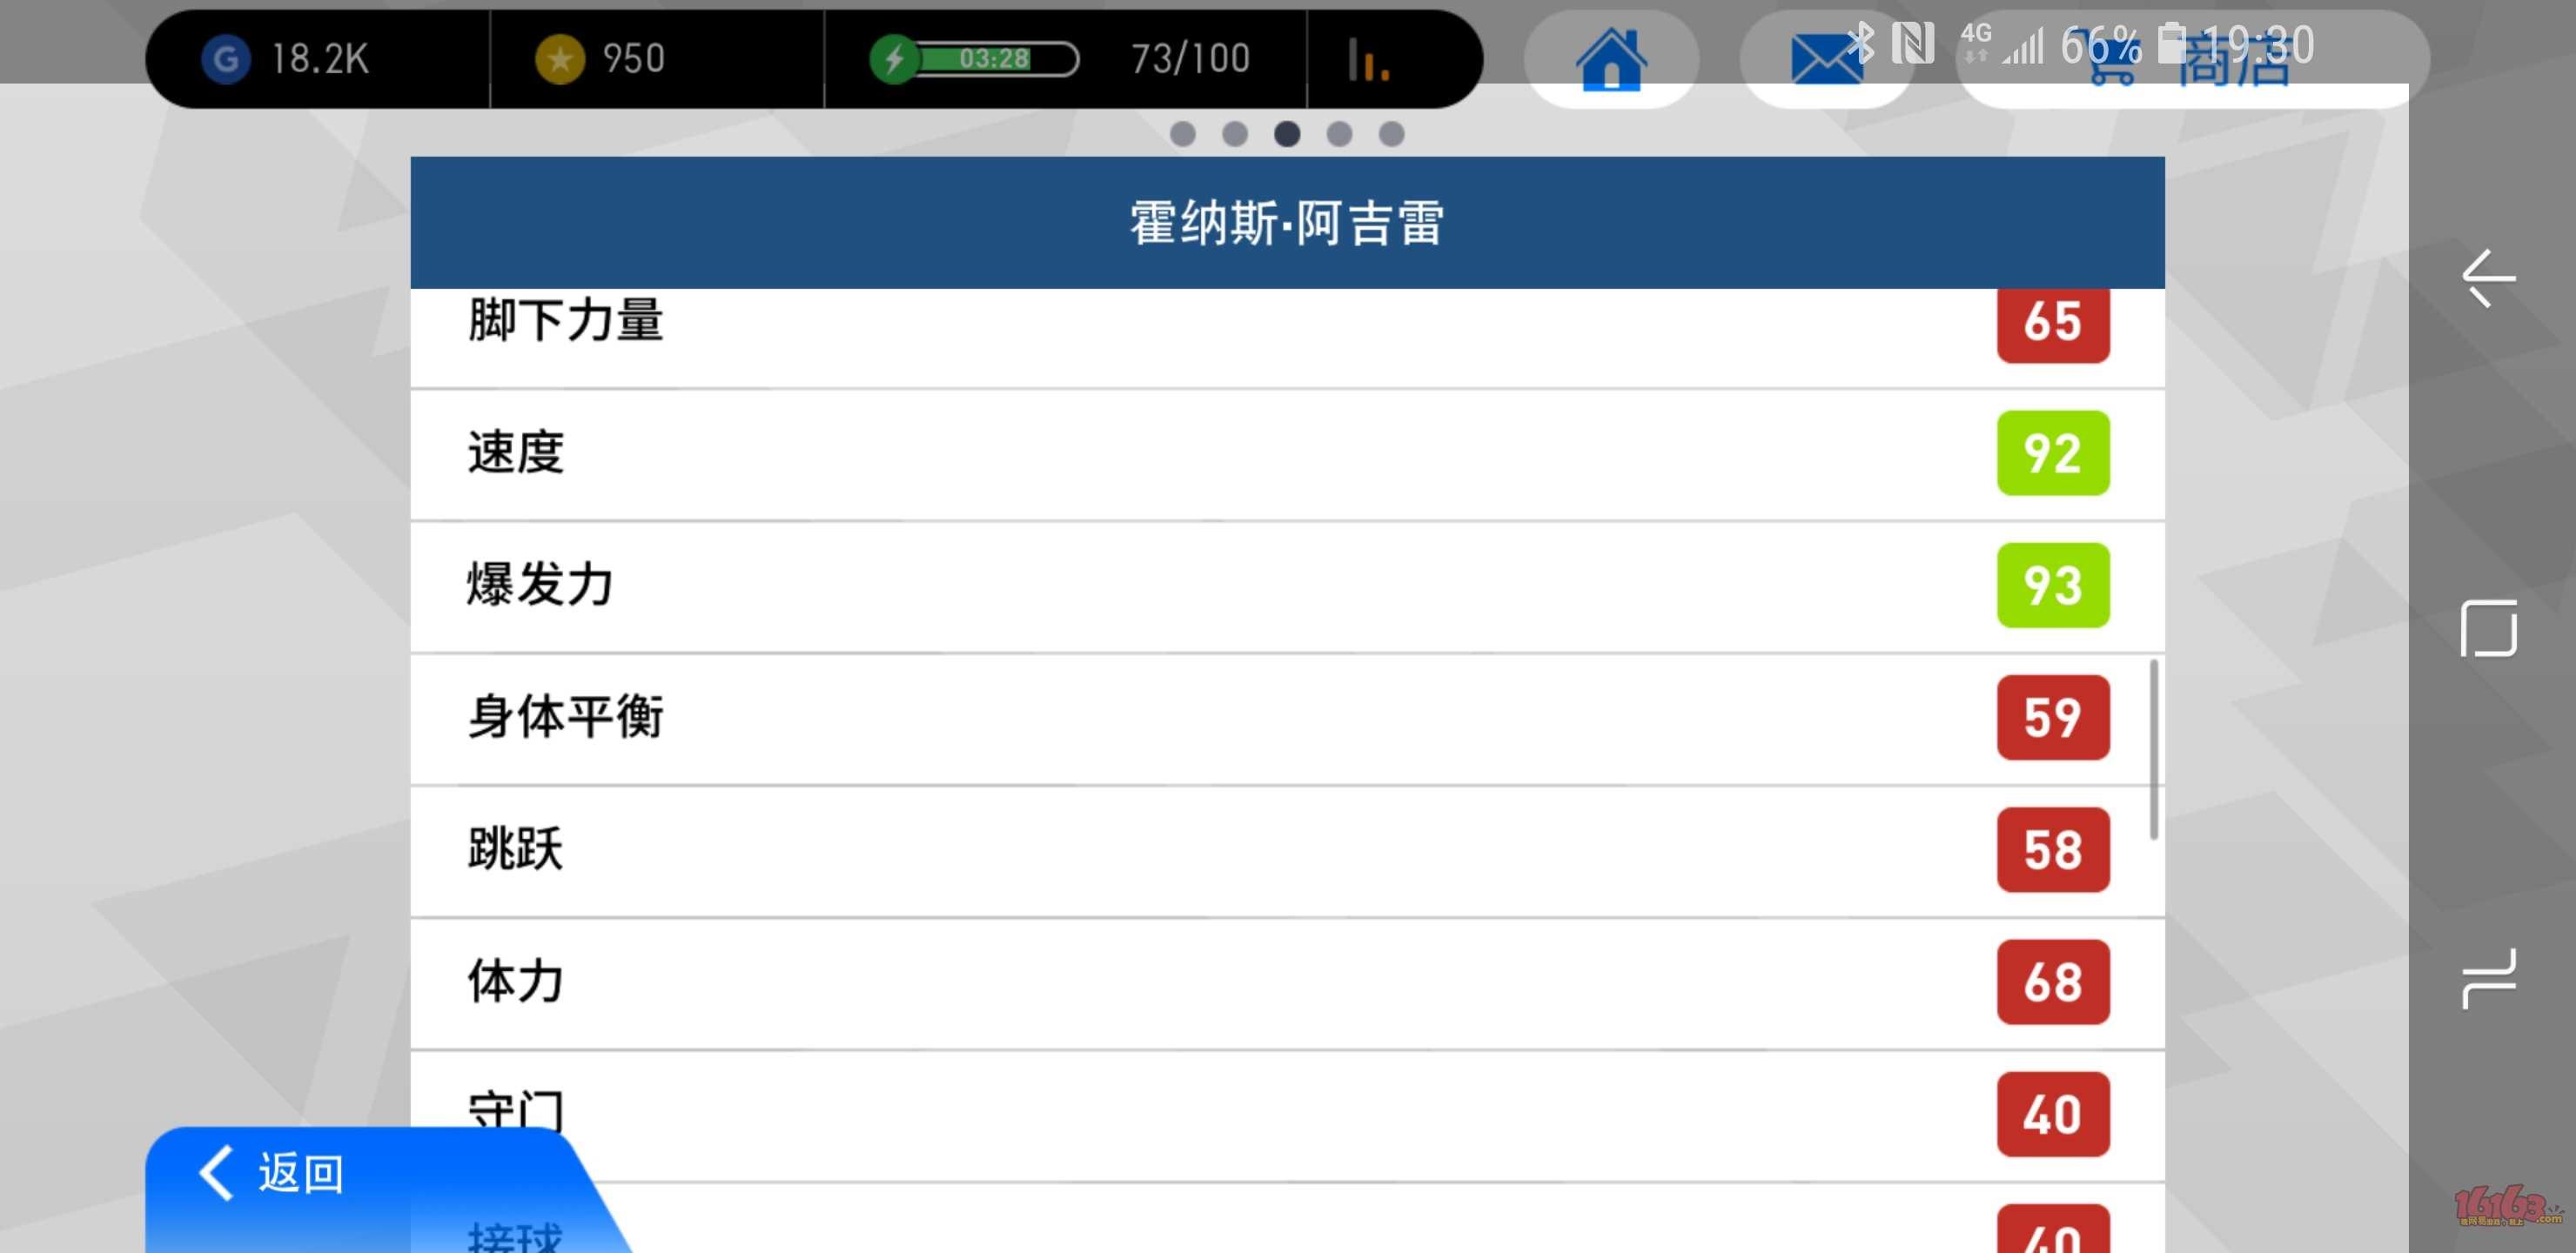 Screenshot_20180804-193040_瀹炲喌瓒崇悆.jpg